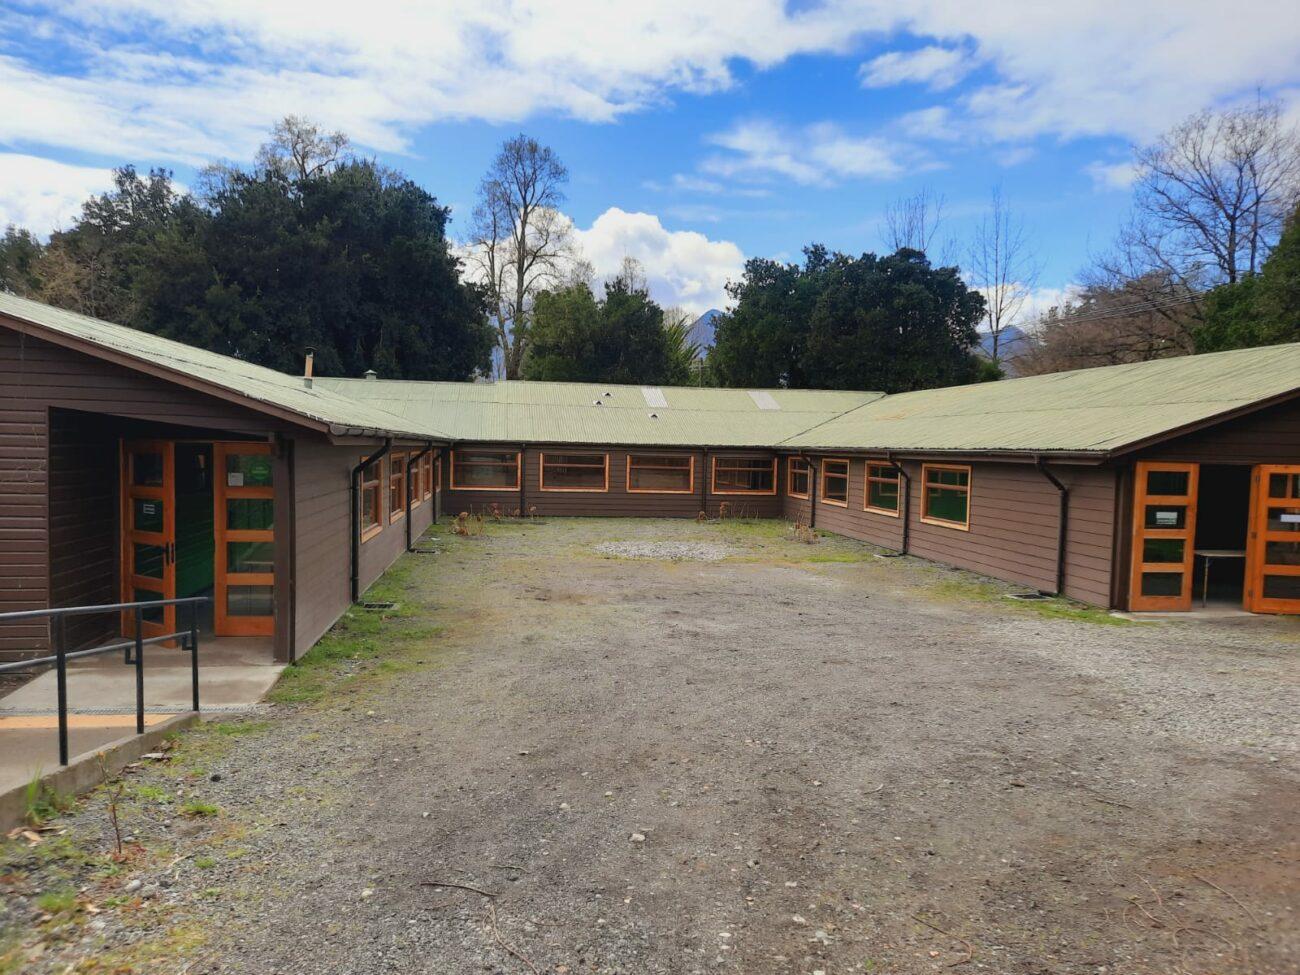 Remodelan escuela para niños en situación de discapacidad en Pucón